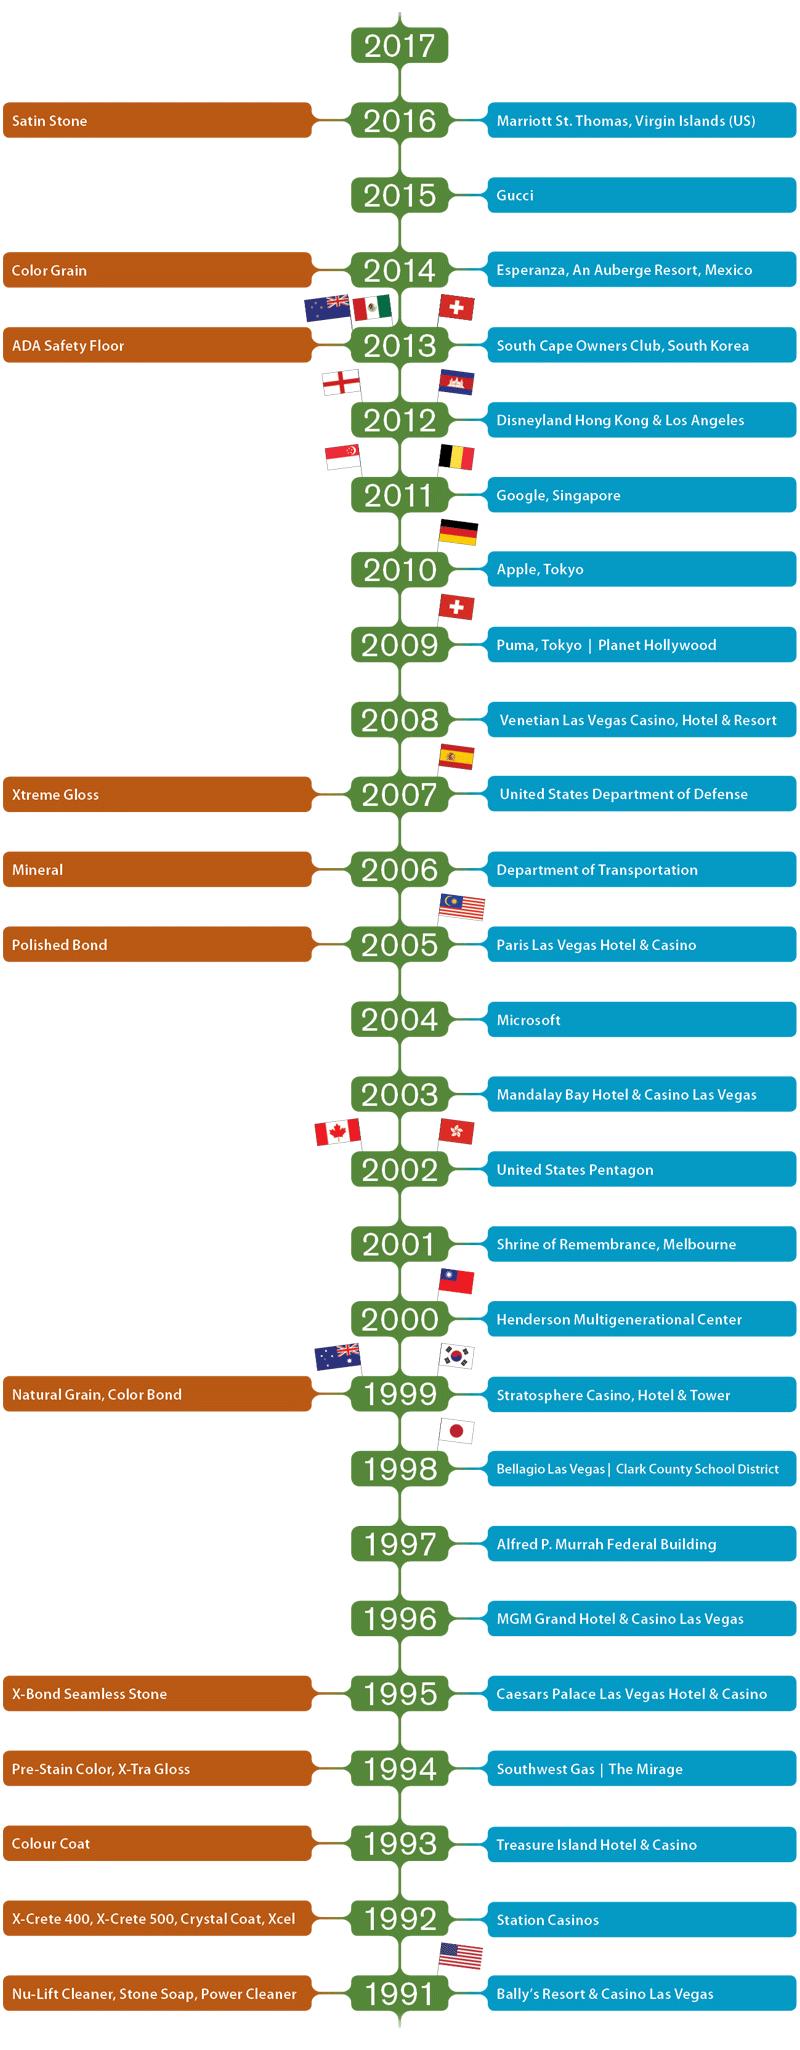 SEMCO Timeline